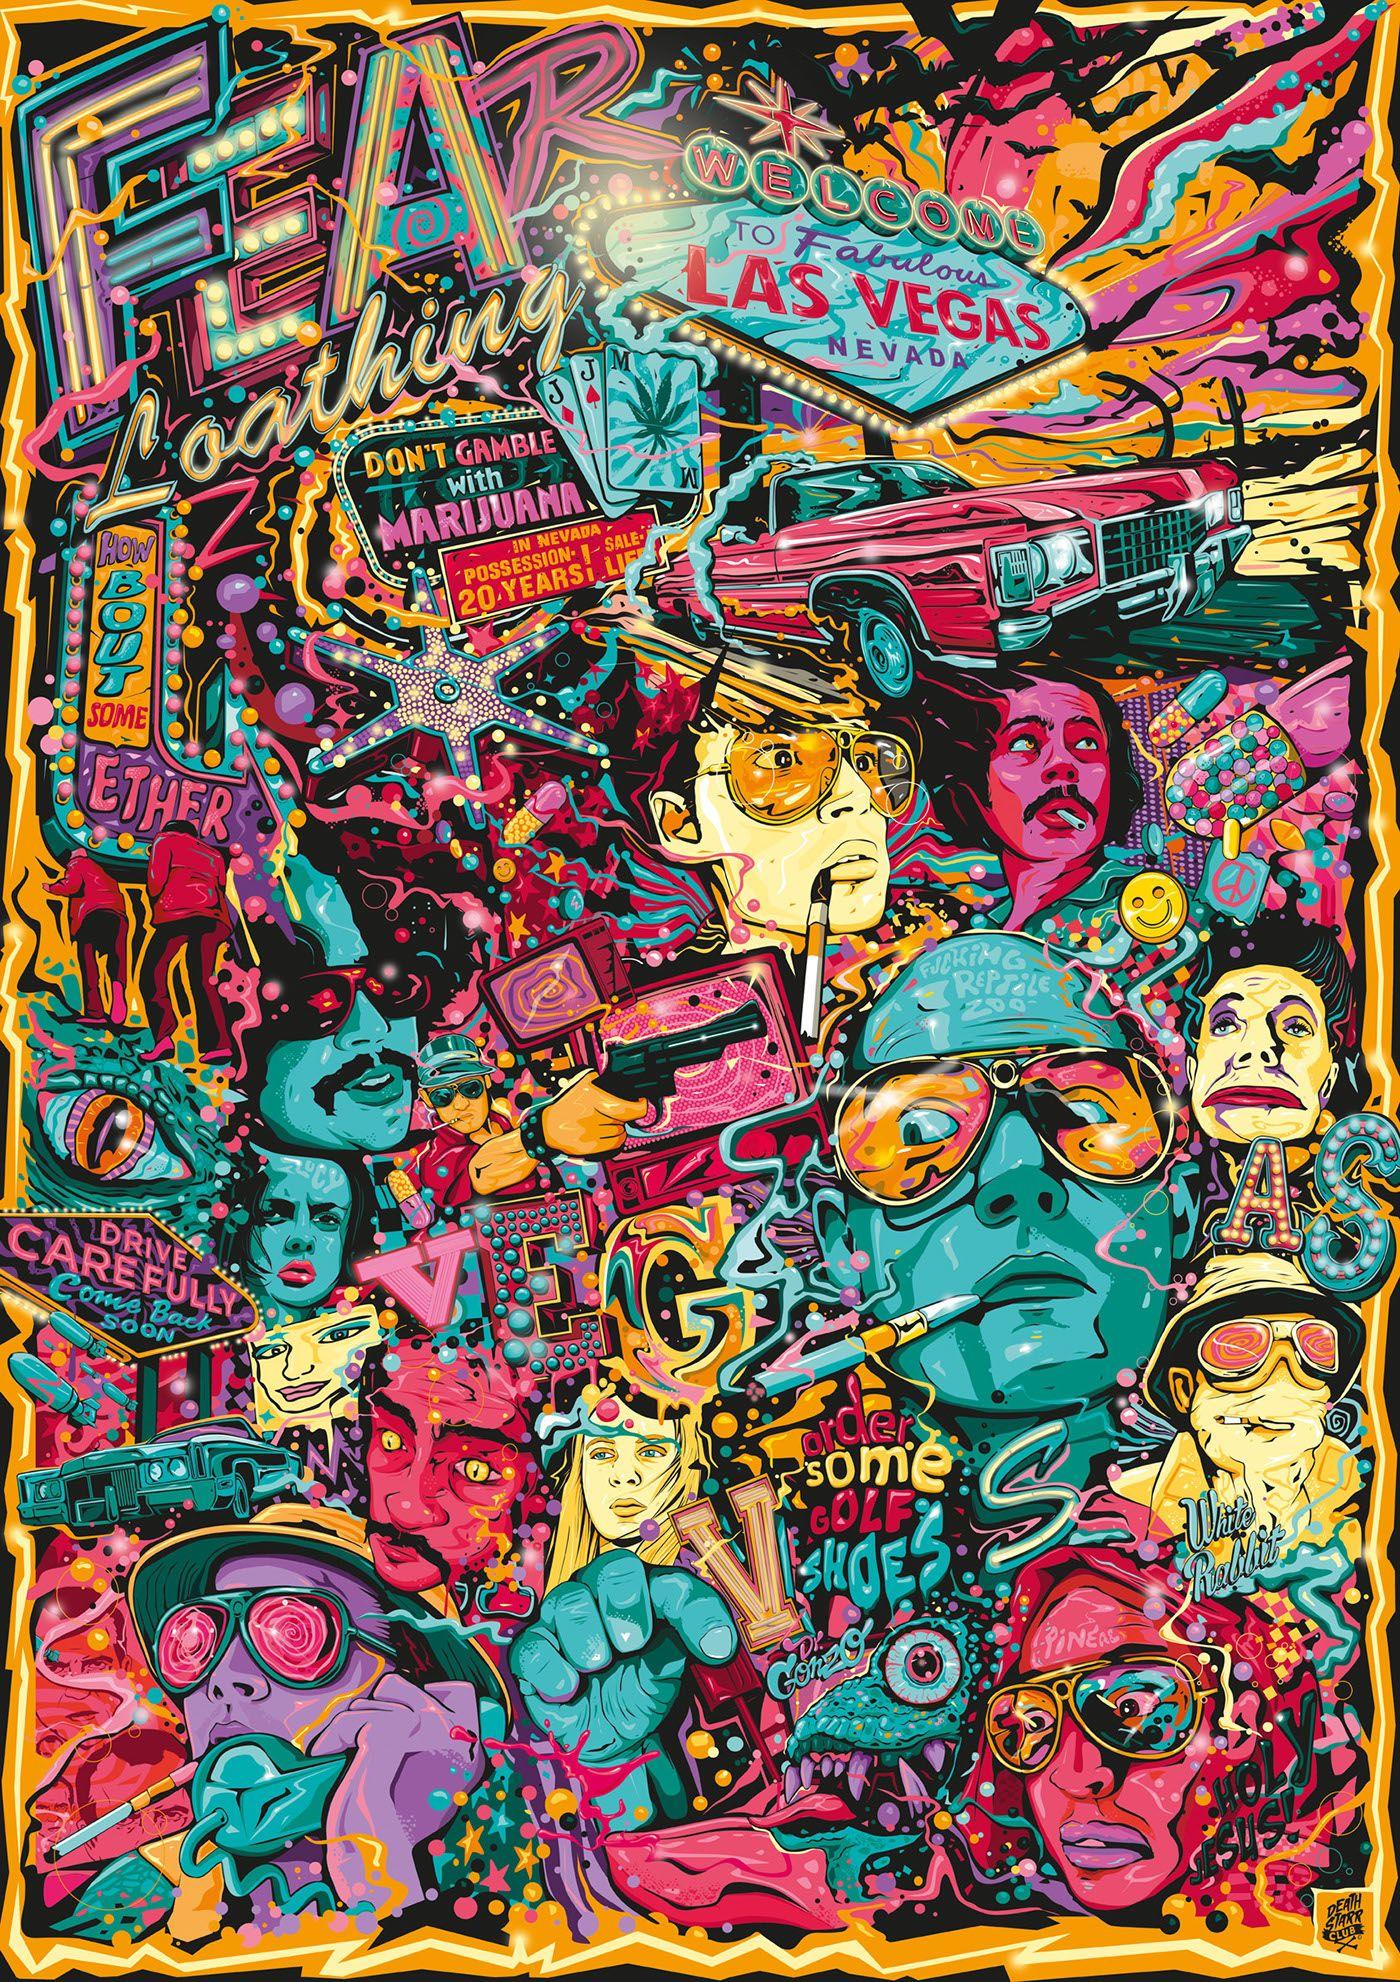 Shaun Dead Zombieland Fear Loathing In Las Vegas Wallpaper Tiled